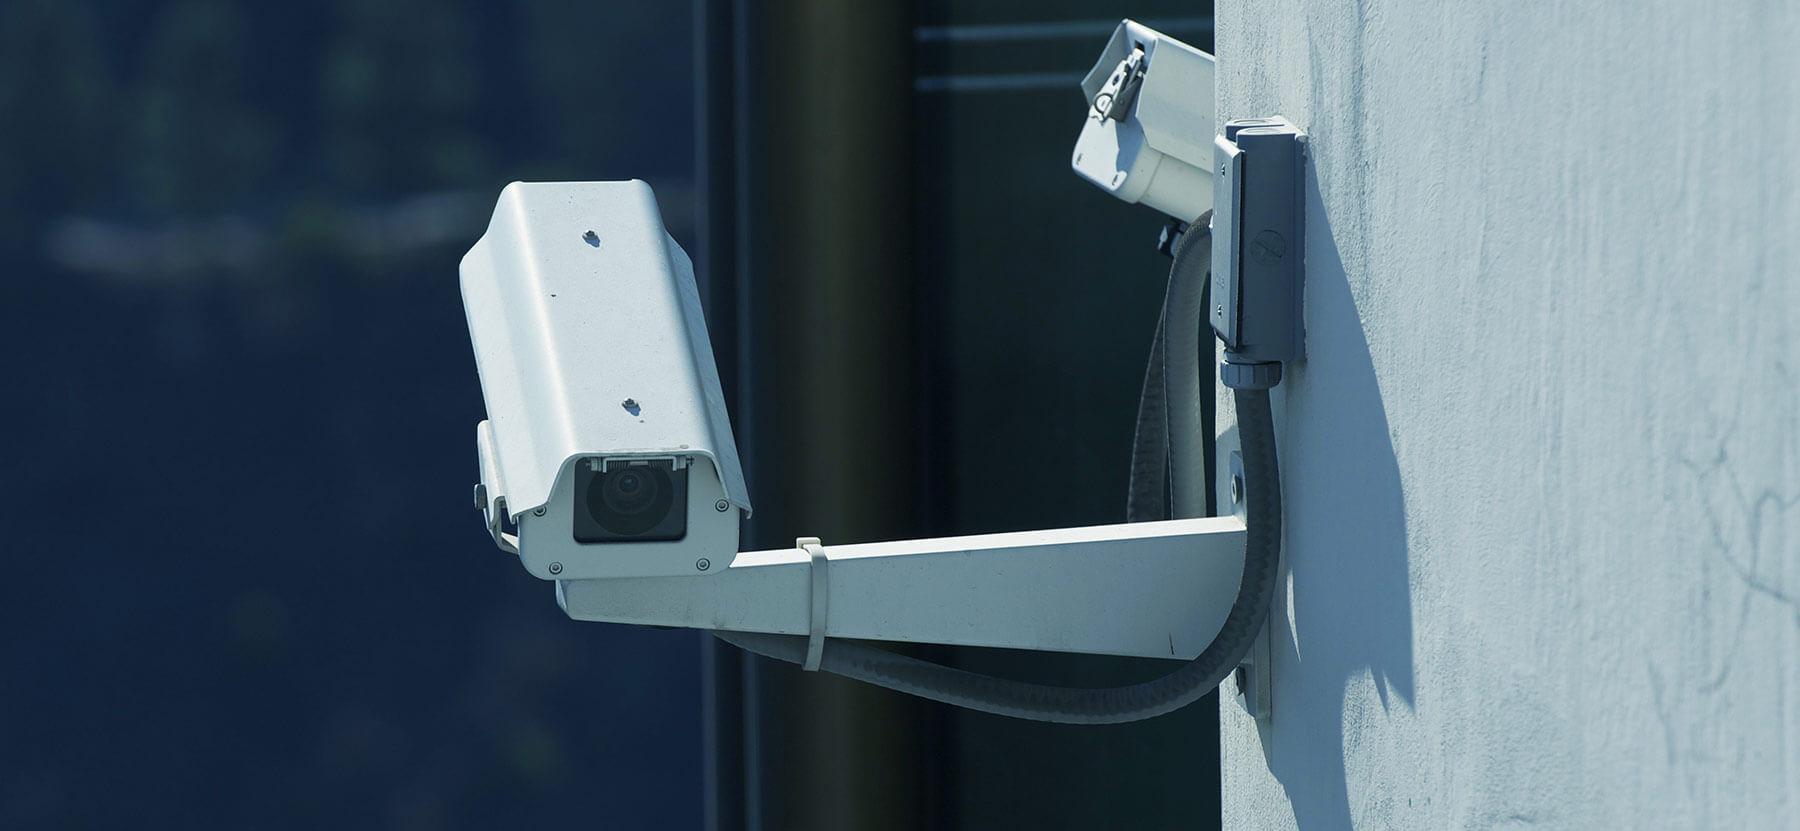 دوربین مدار بسته ارزان قیمت